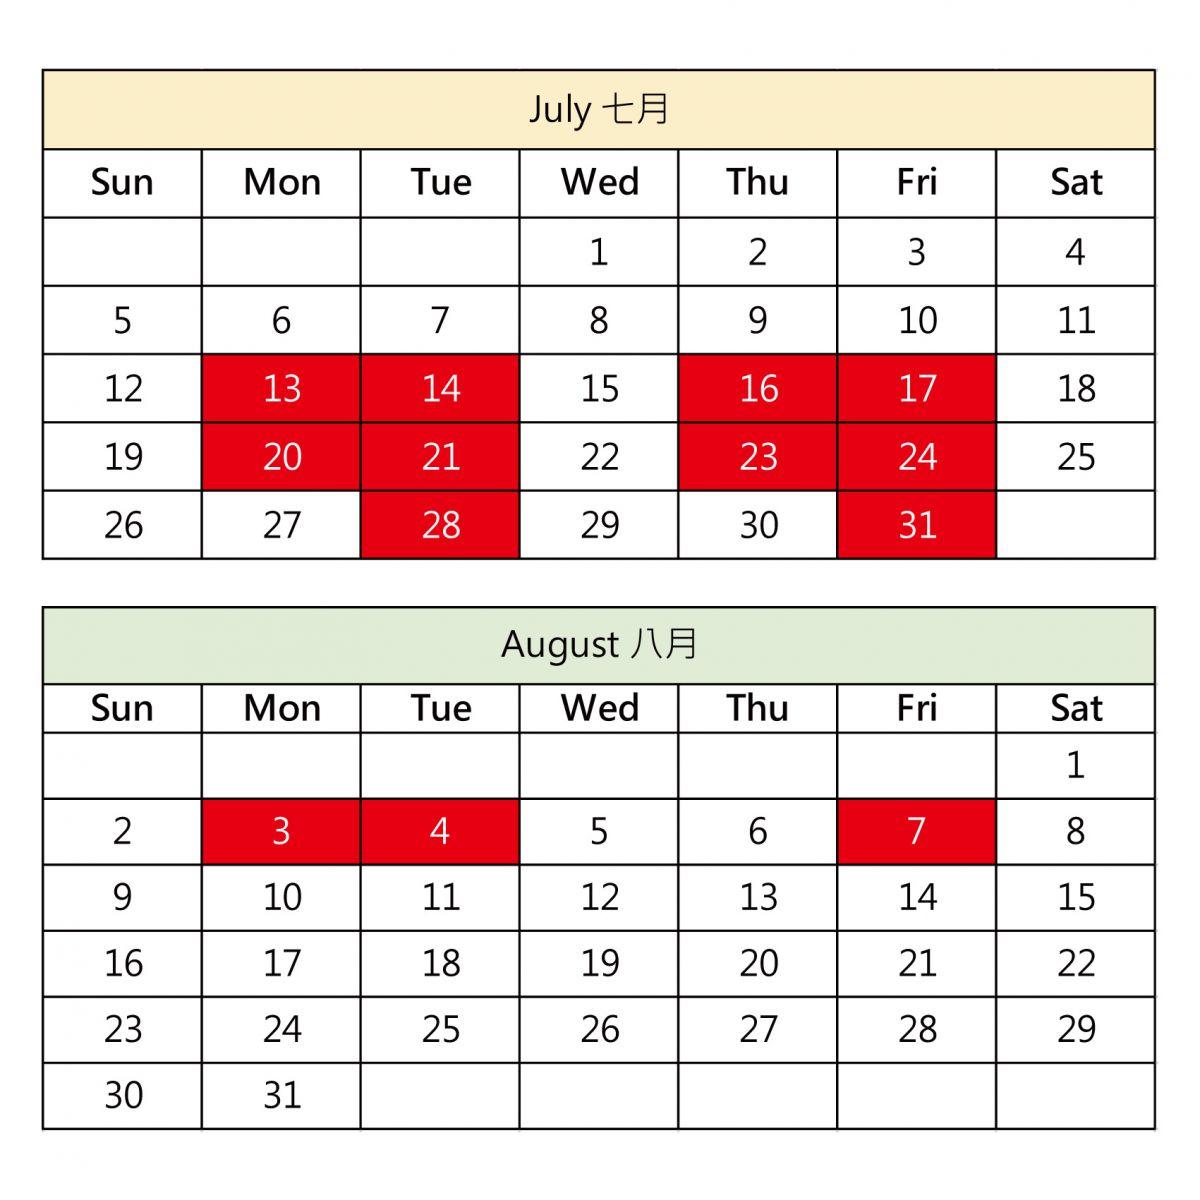 7/13【關鍵15天。職達未來路】青年職涯夏令營 - 職 ‧ 想見你